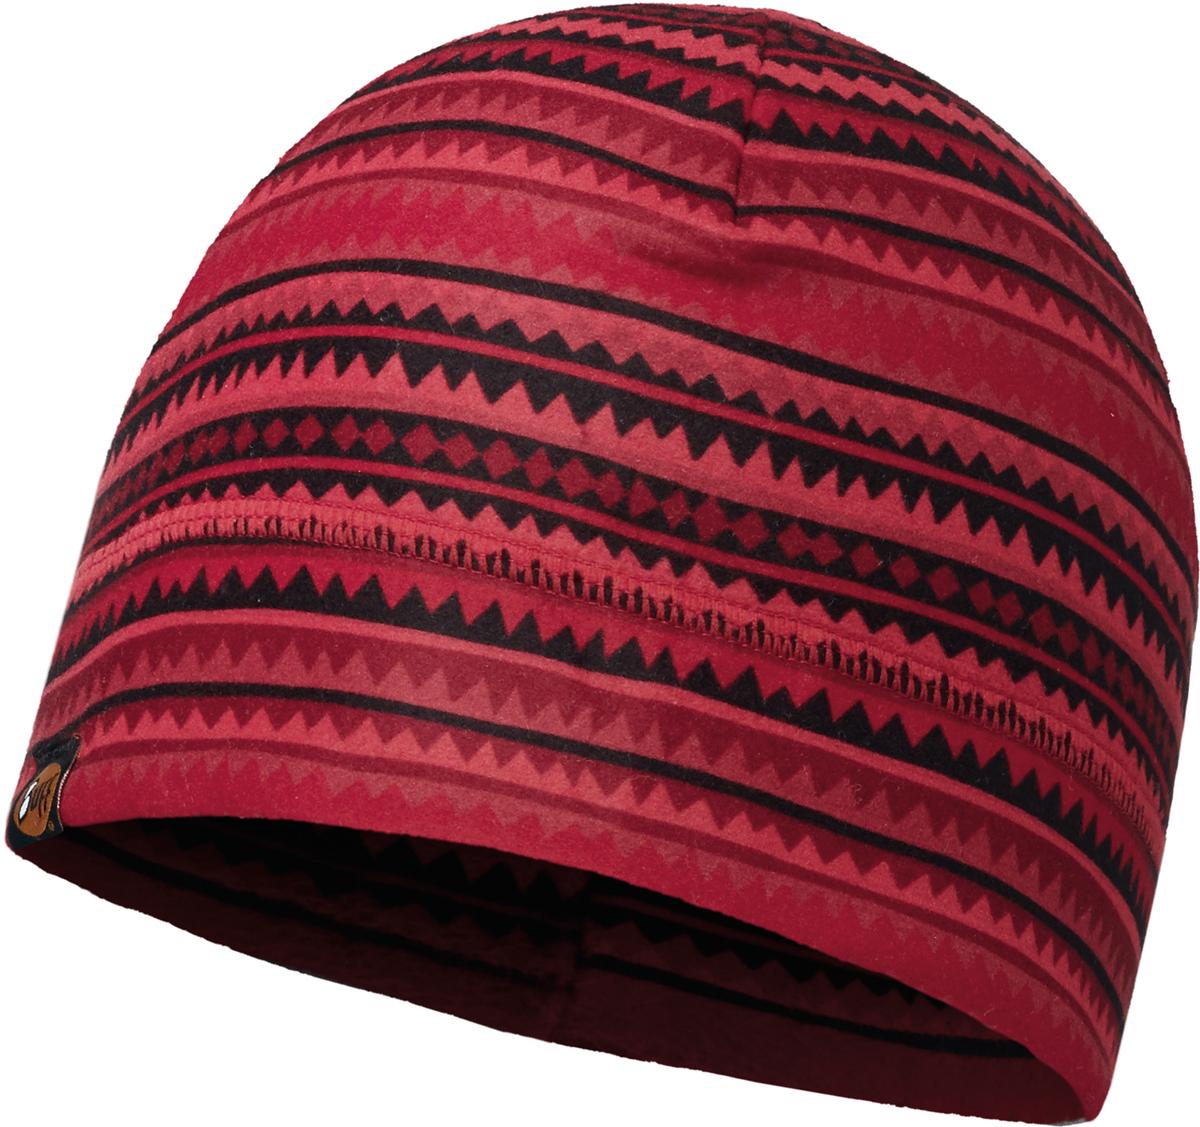 Шапка Buff Polar, цвет: бордовый. 111402.426.10.00. Размер универсальный111402.426.10.00Шапка Buff Polar в холодную погоду поддерживает нормальную температуру тела и предотвращает потерю тепла, благодаря комбинации микрофибры и Polartec. Шапка является неотъемлемой частью зимней одежды.